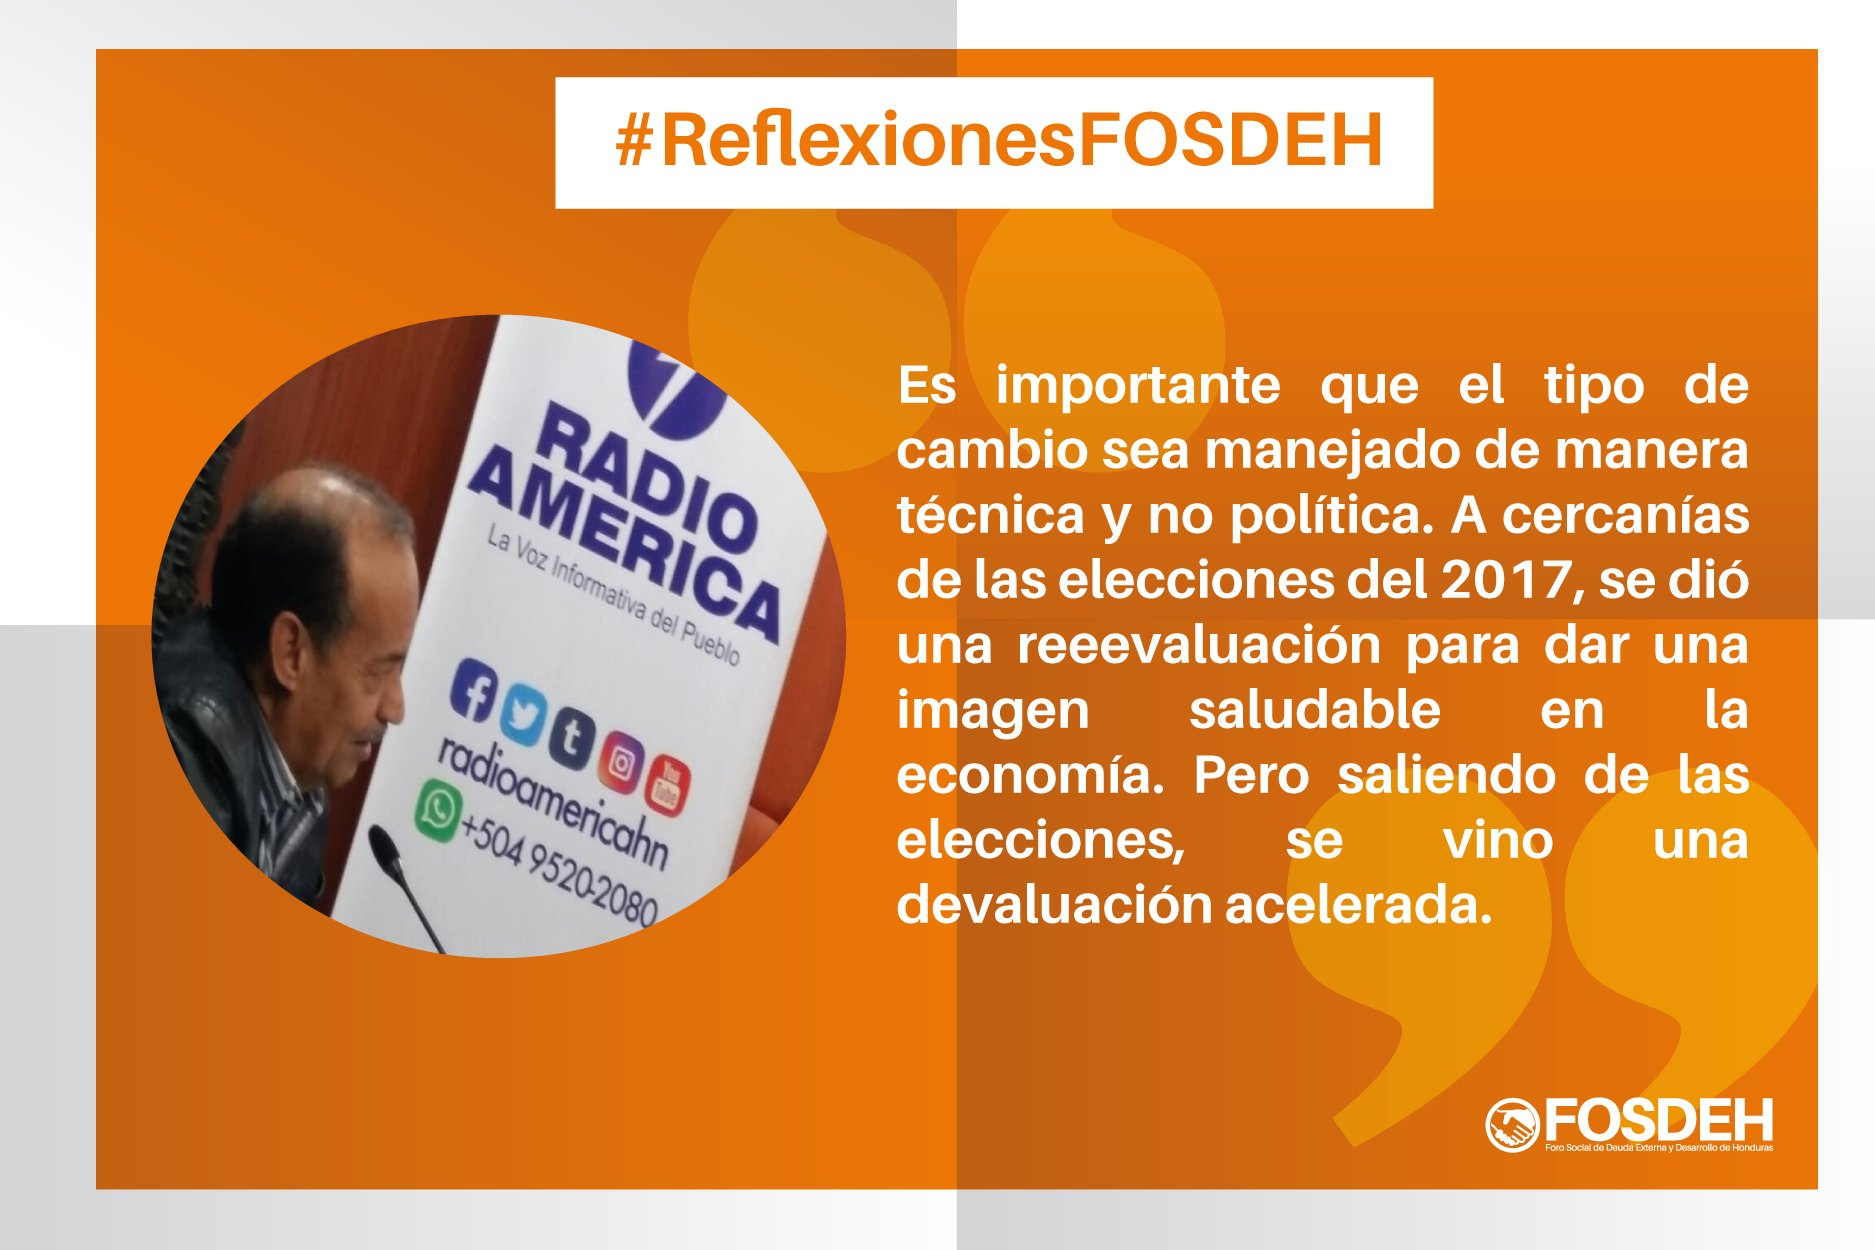 #ReflexionesFosdeh En #Honduras es importante que el tipo de cambio sea manejado de manera técnica y no política. https://t.co/k8va1KqLsD